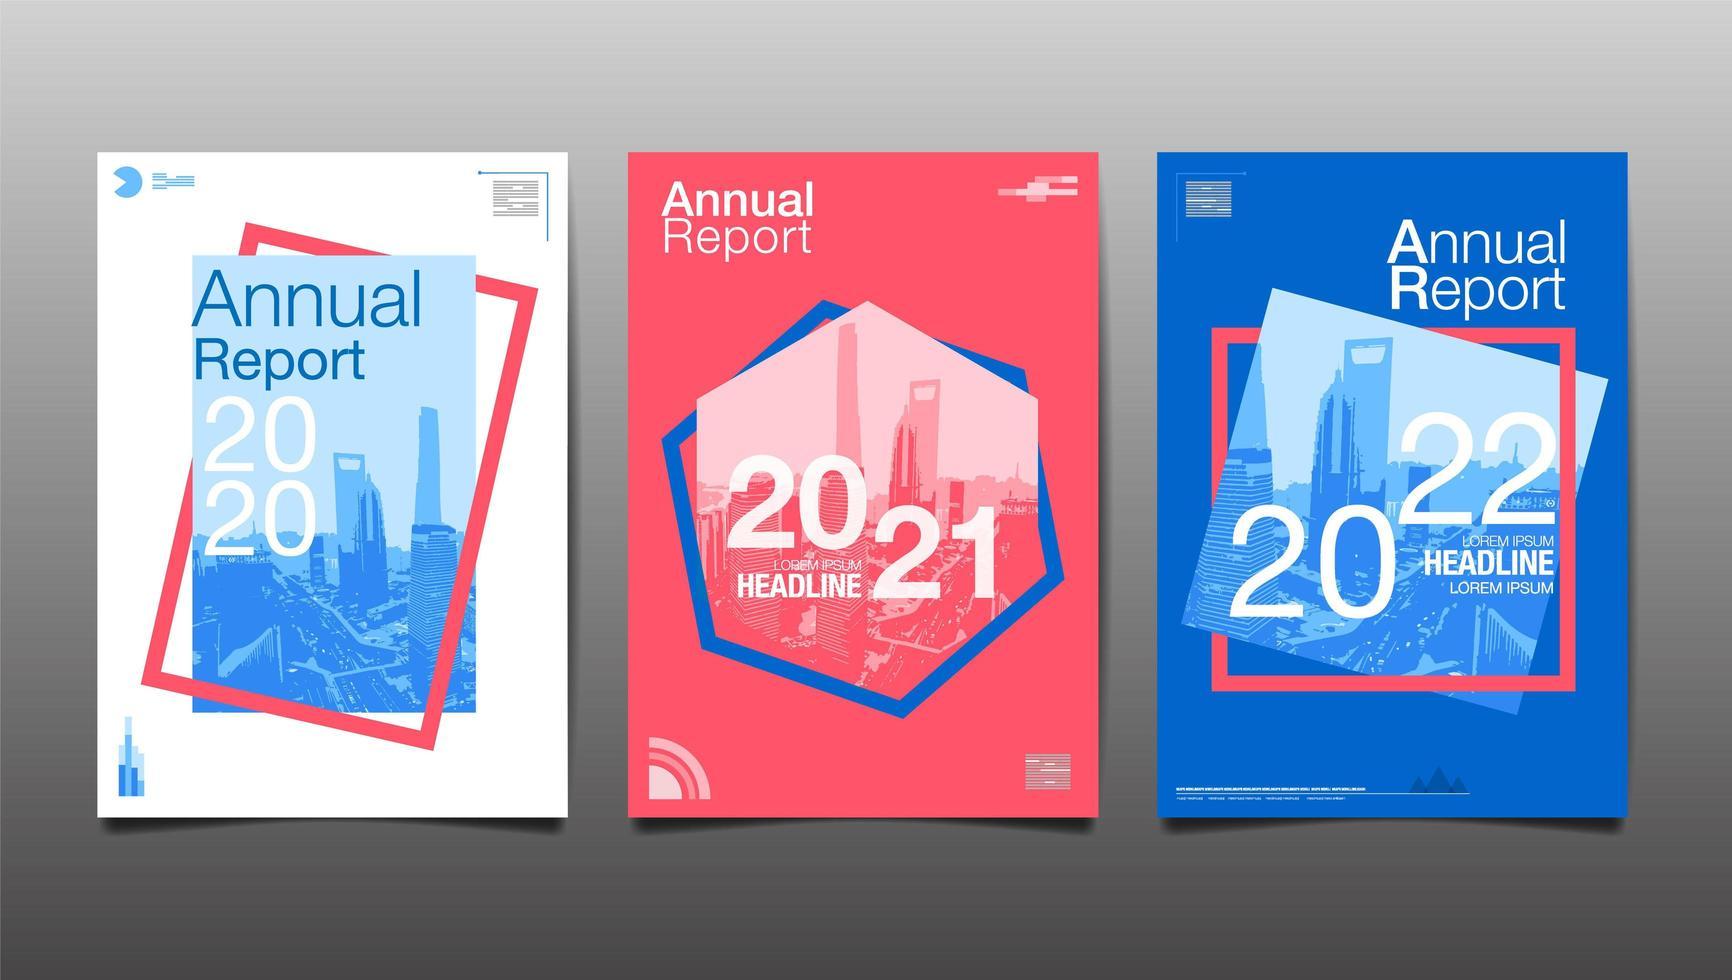 rapport géométrique coloré rapports annuels 2020, 2021, 2022 vecteur